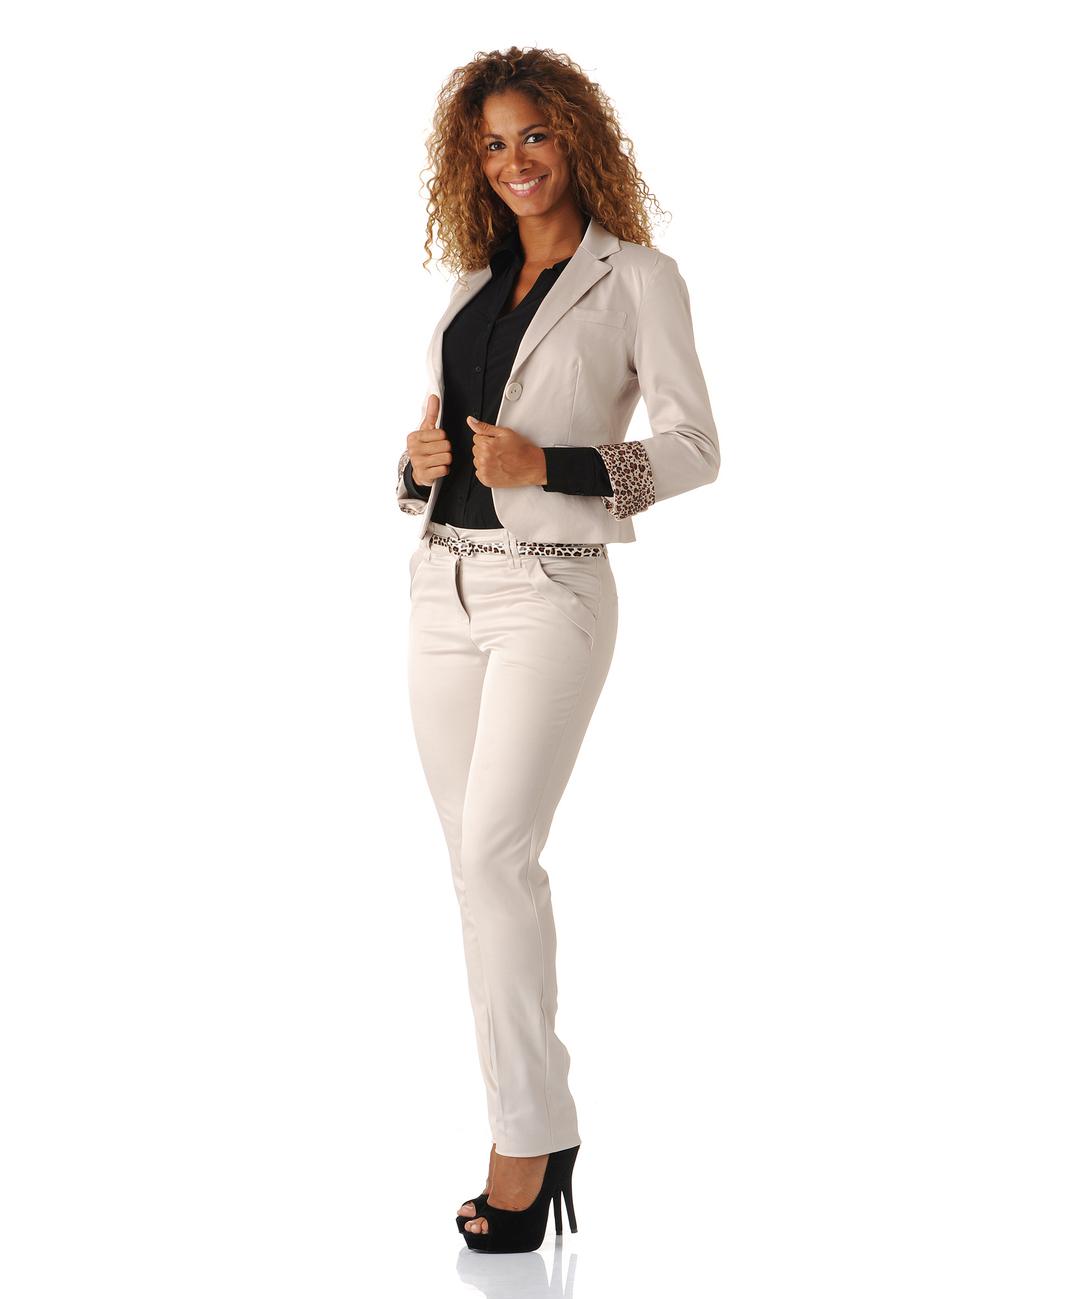 Ensemble veste pantalon femme en lin - Vetement fitness et mode e27491a2f606